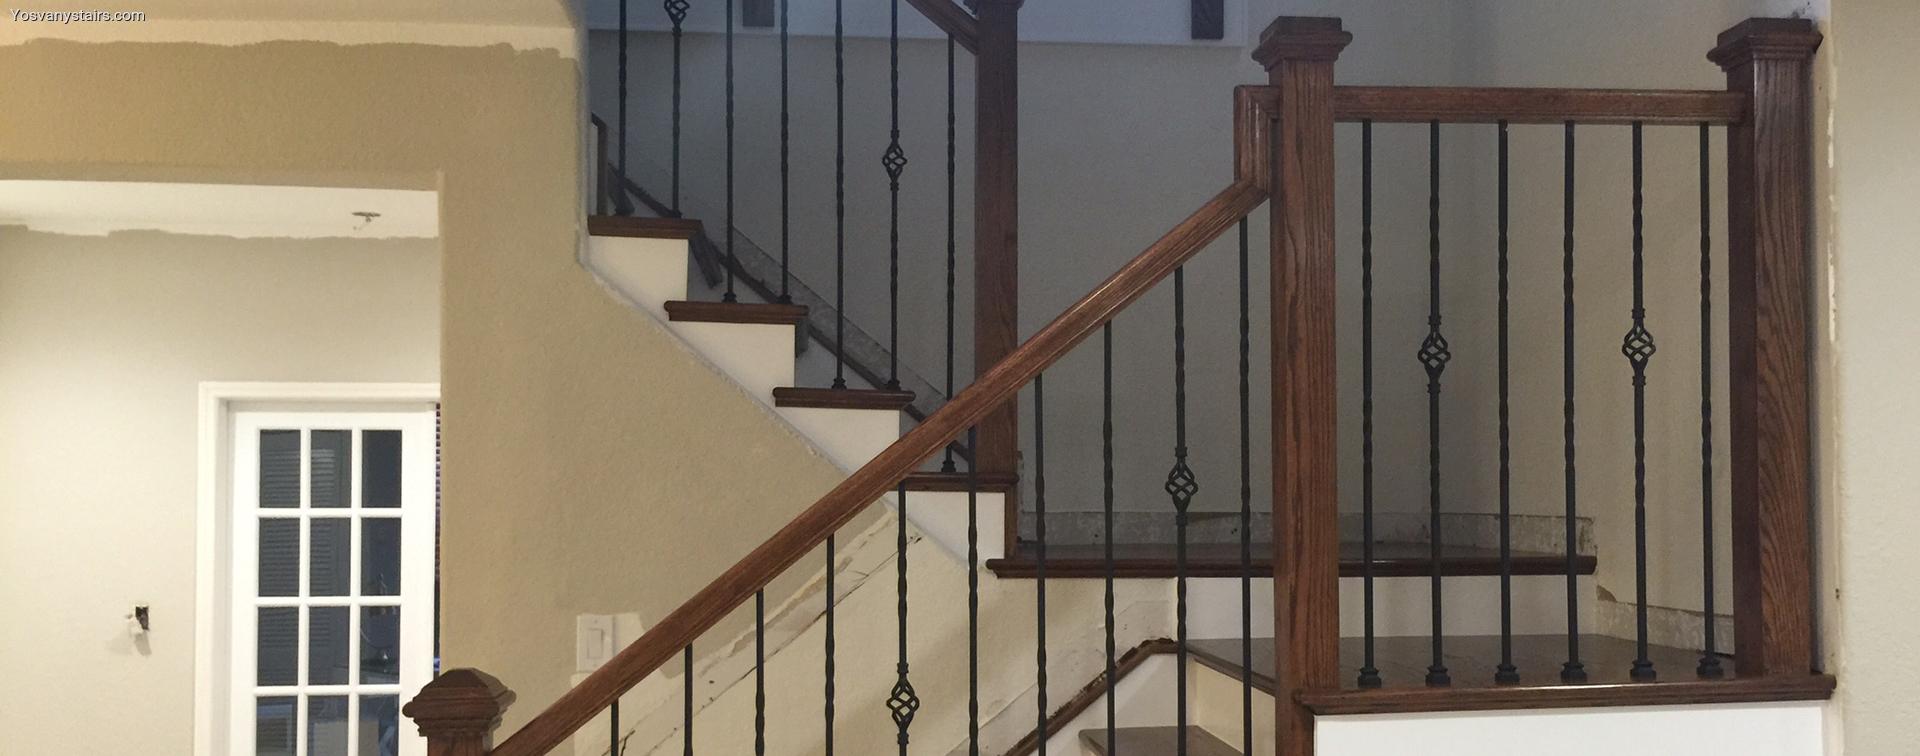 Instalacion de barandas y escaleras en miami - Barandas de escaleras ...